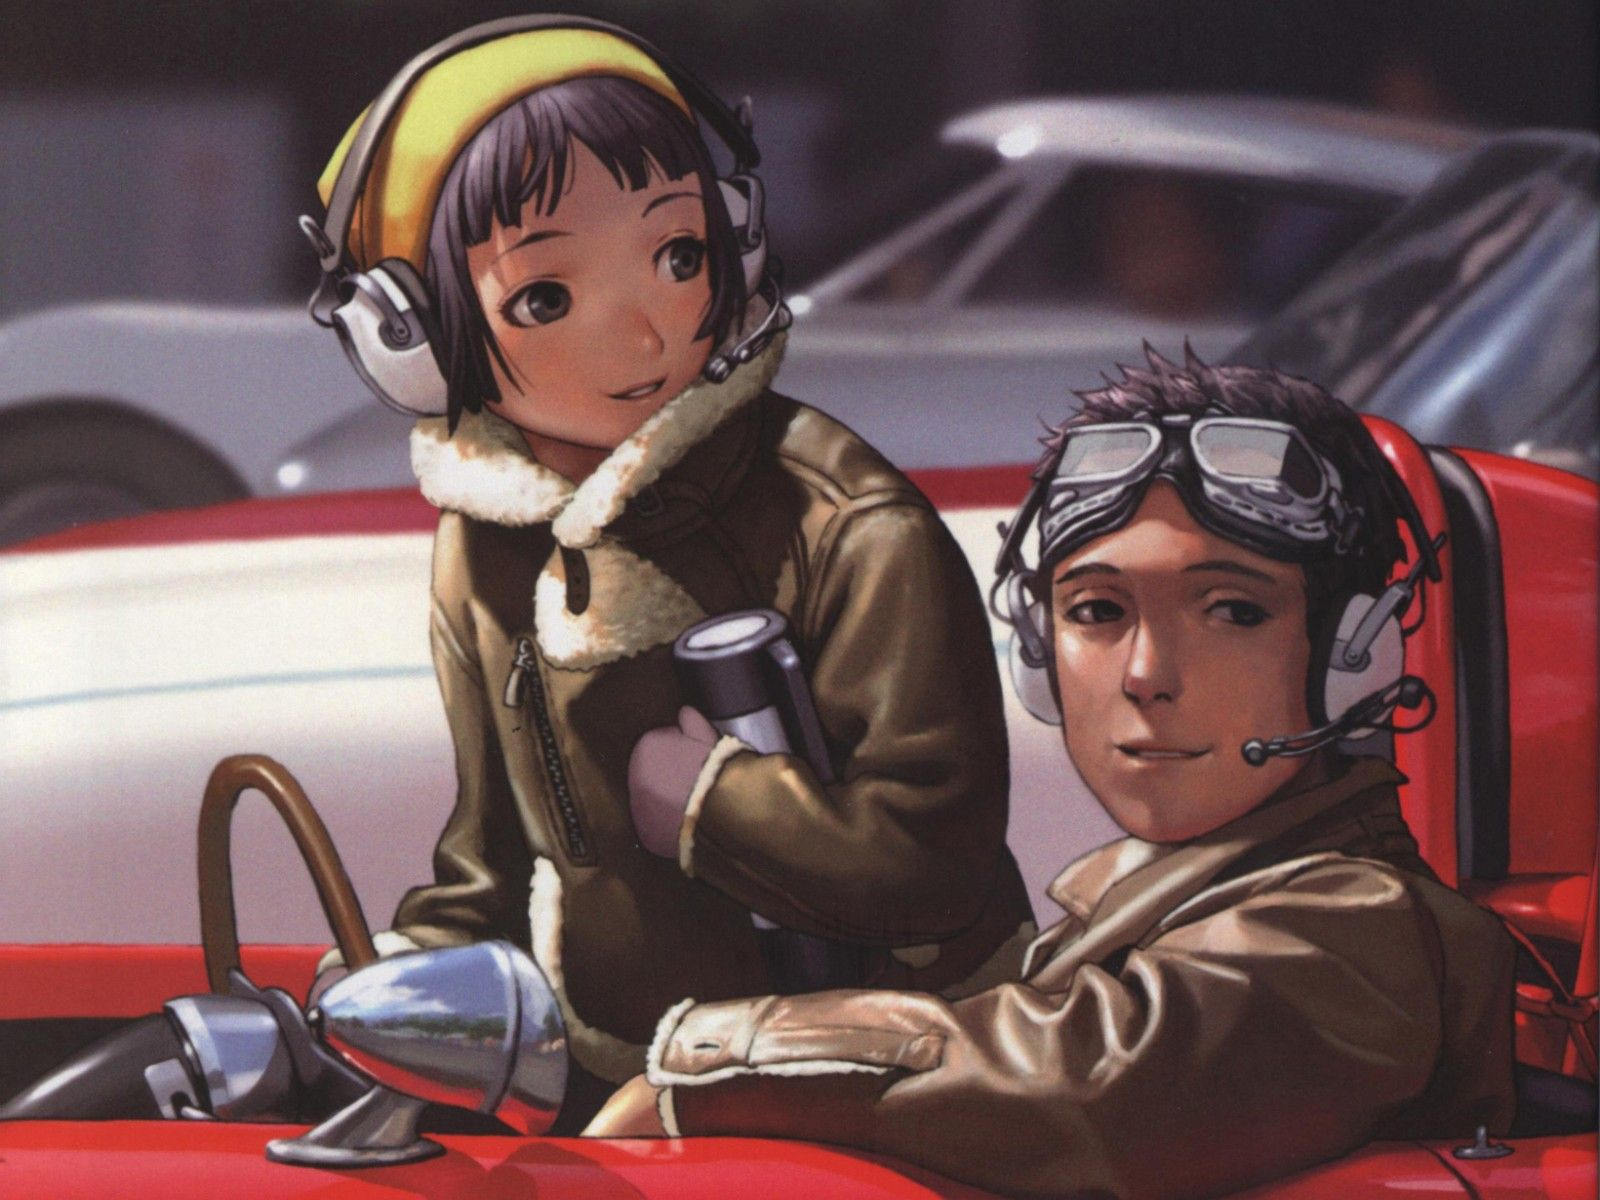 Anime last exile wallpaper range murata anime art